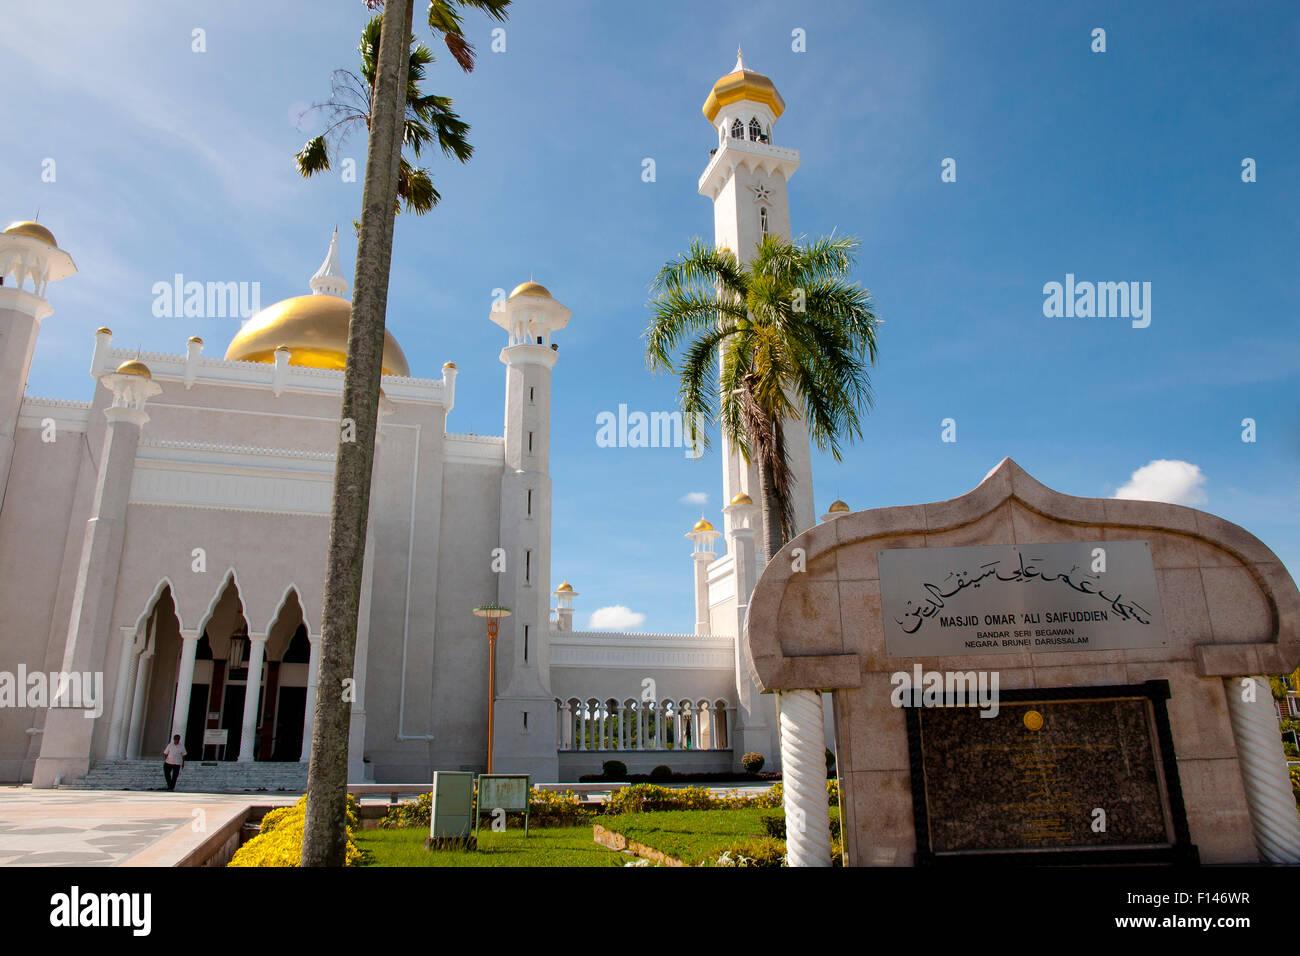 Sultan Omar Ali Saifuddin Mosque - Brunei - Stock Image